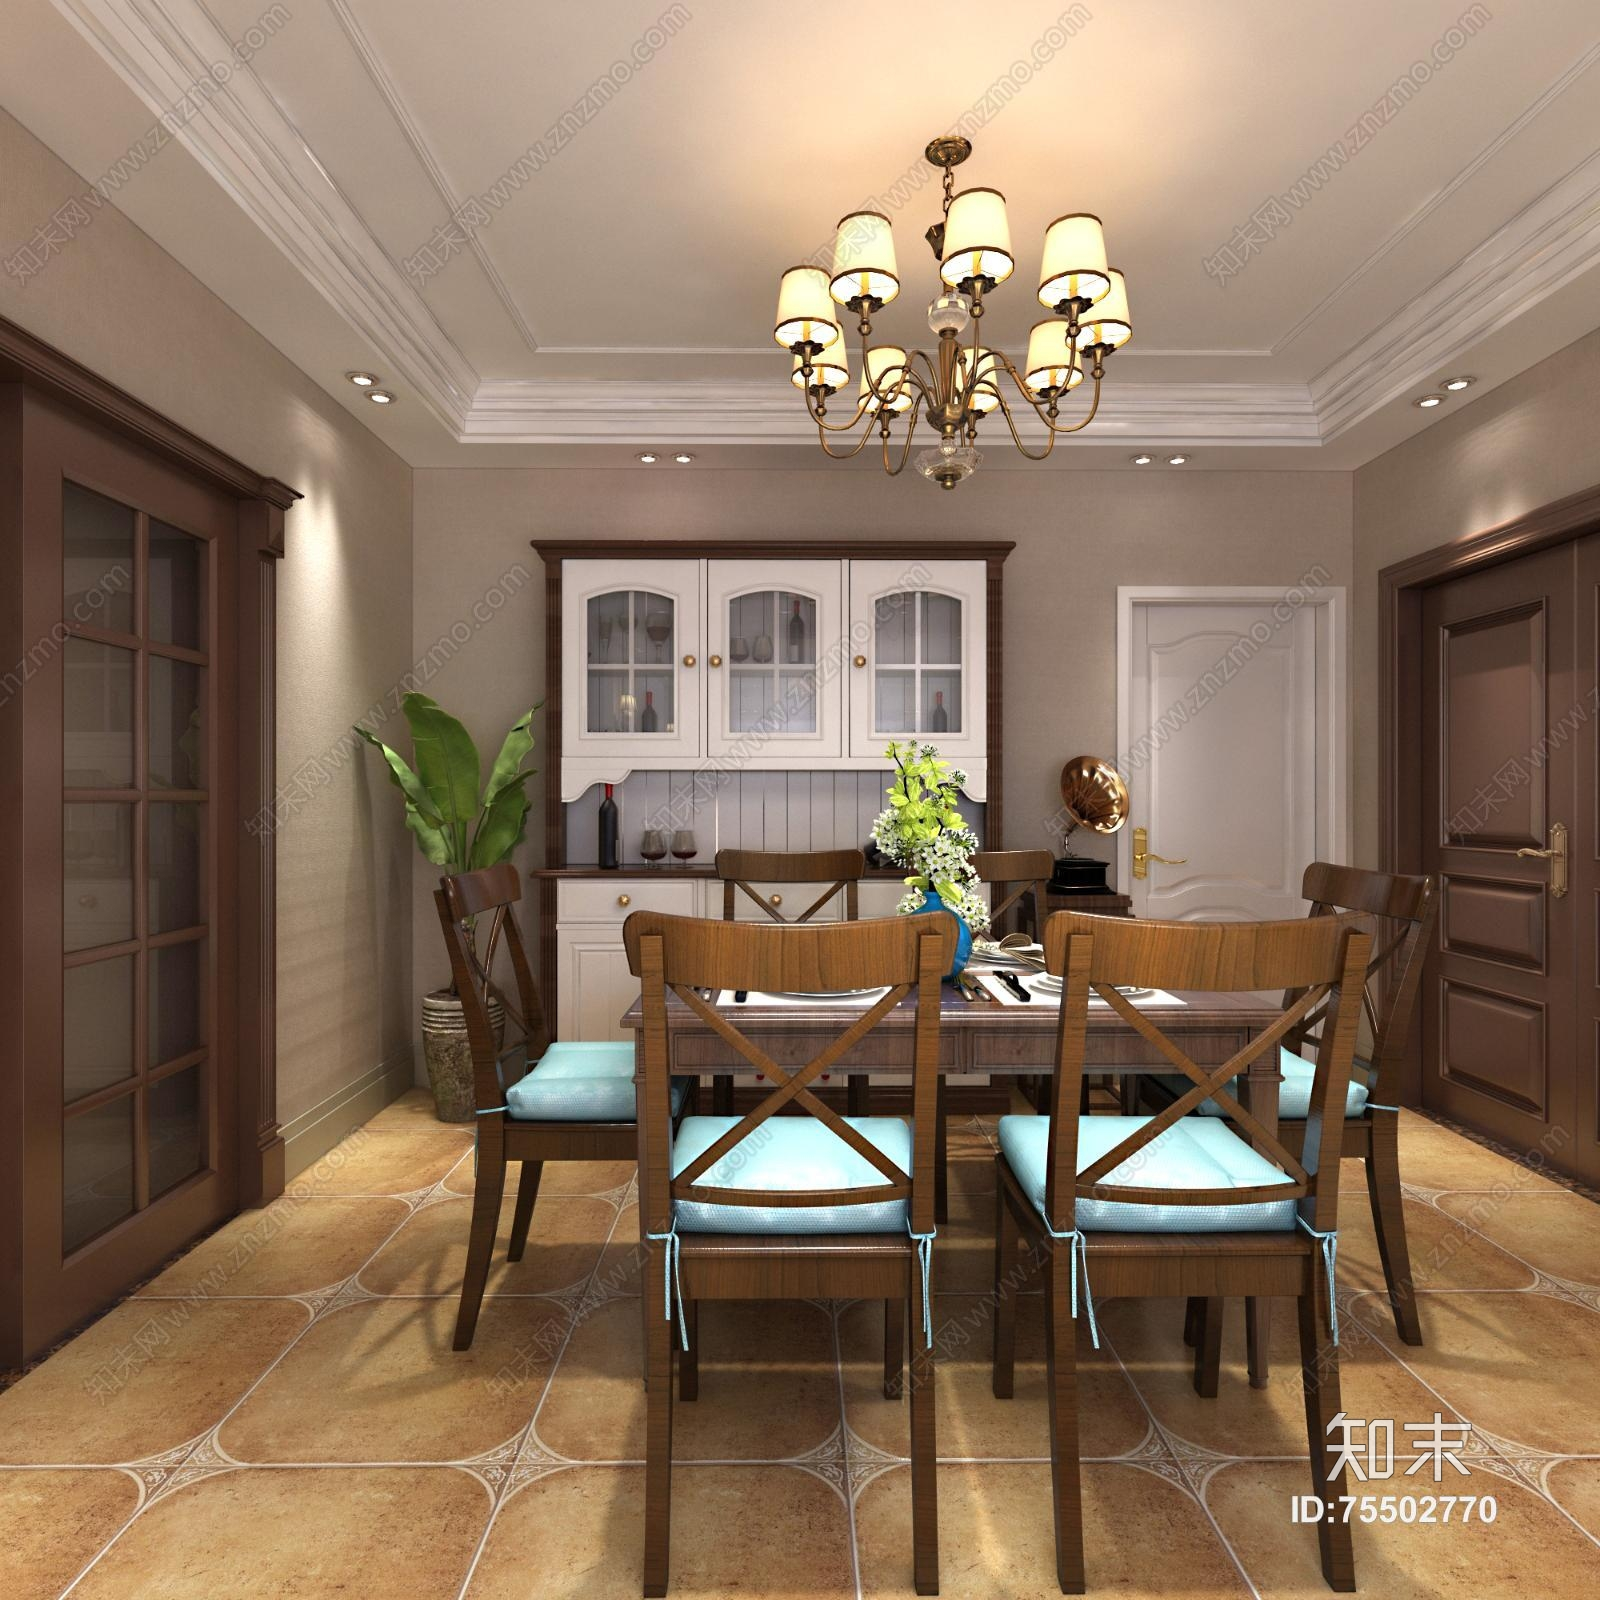 美式客餐厅 吊灯 沙发茶几 休闲椅 橱柜 盆栽 电视柜 摆件图片